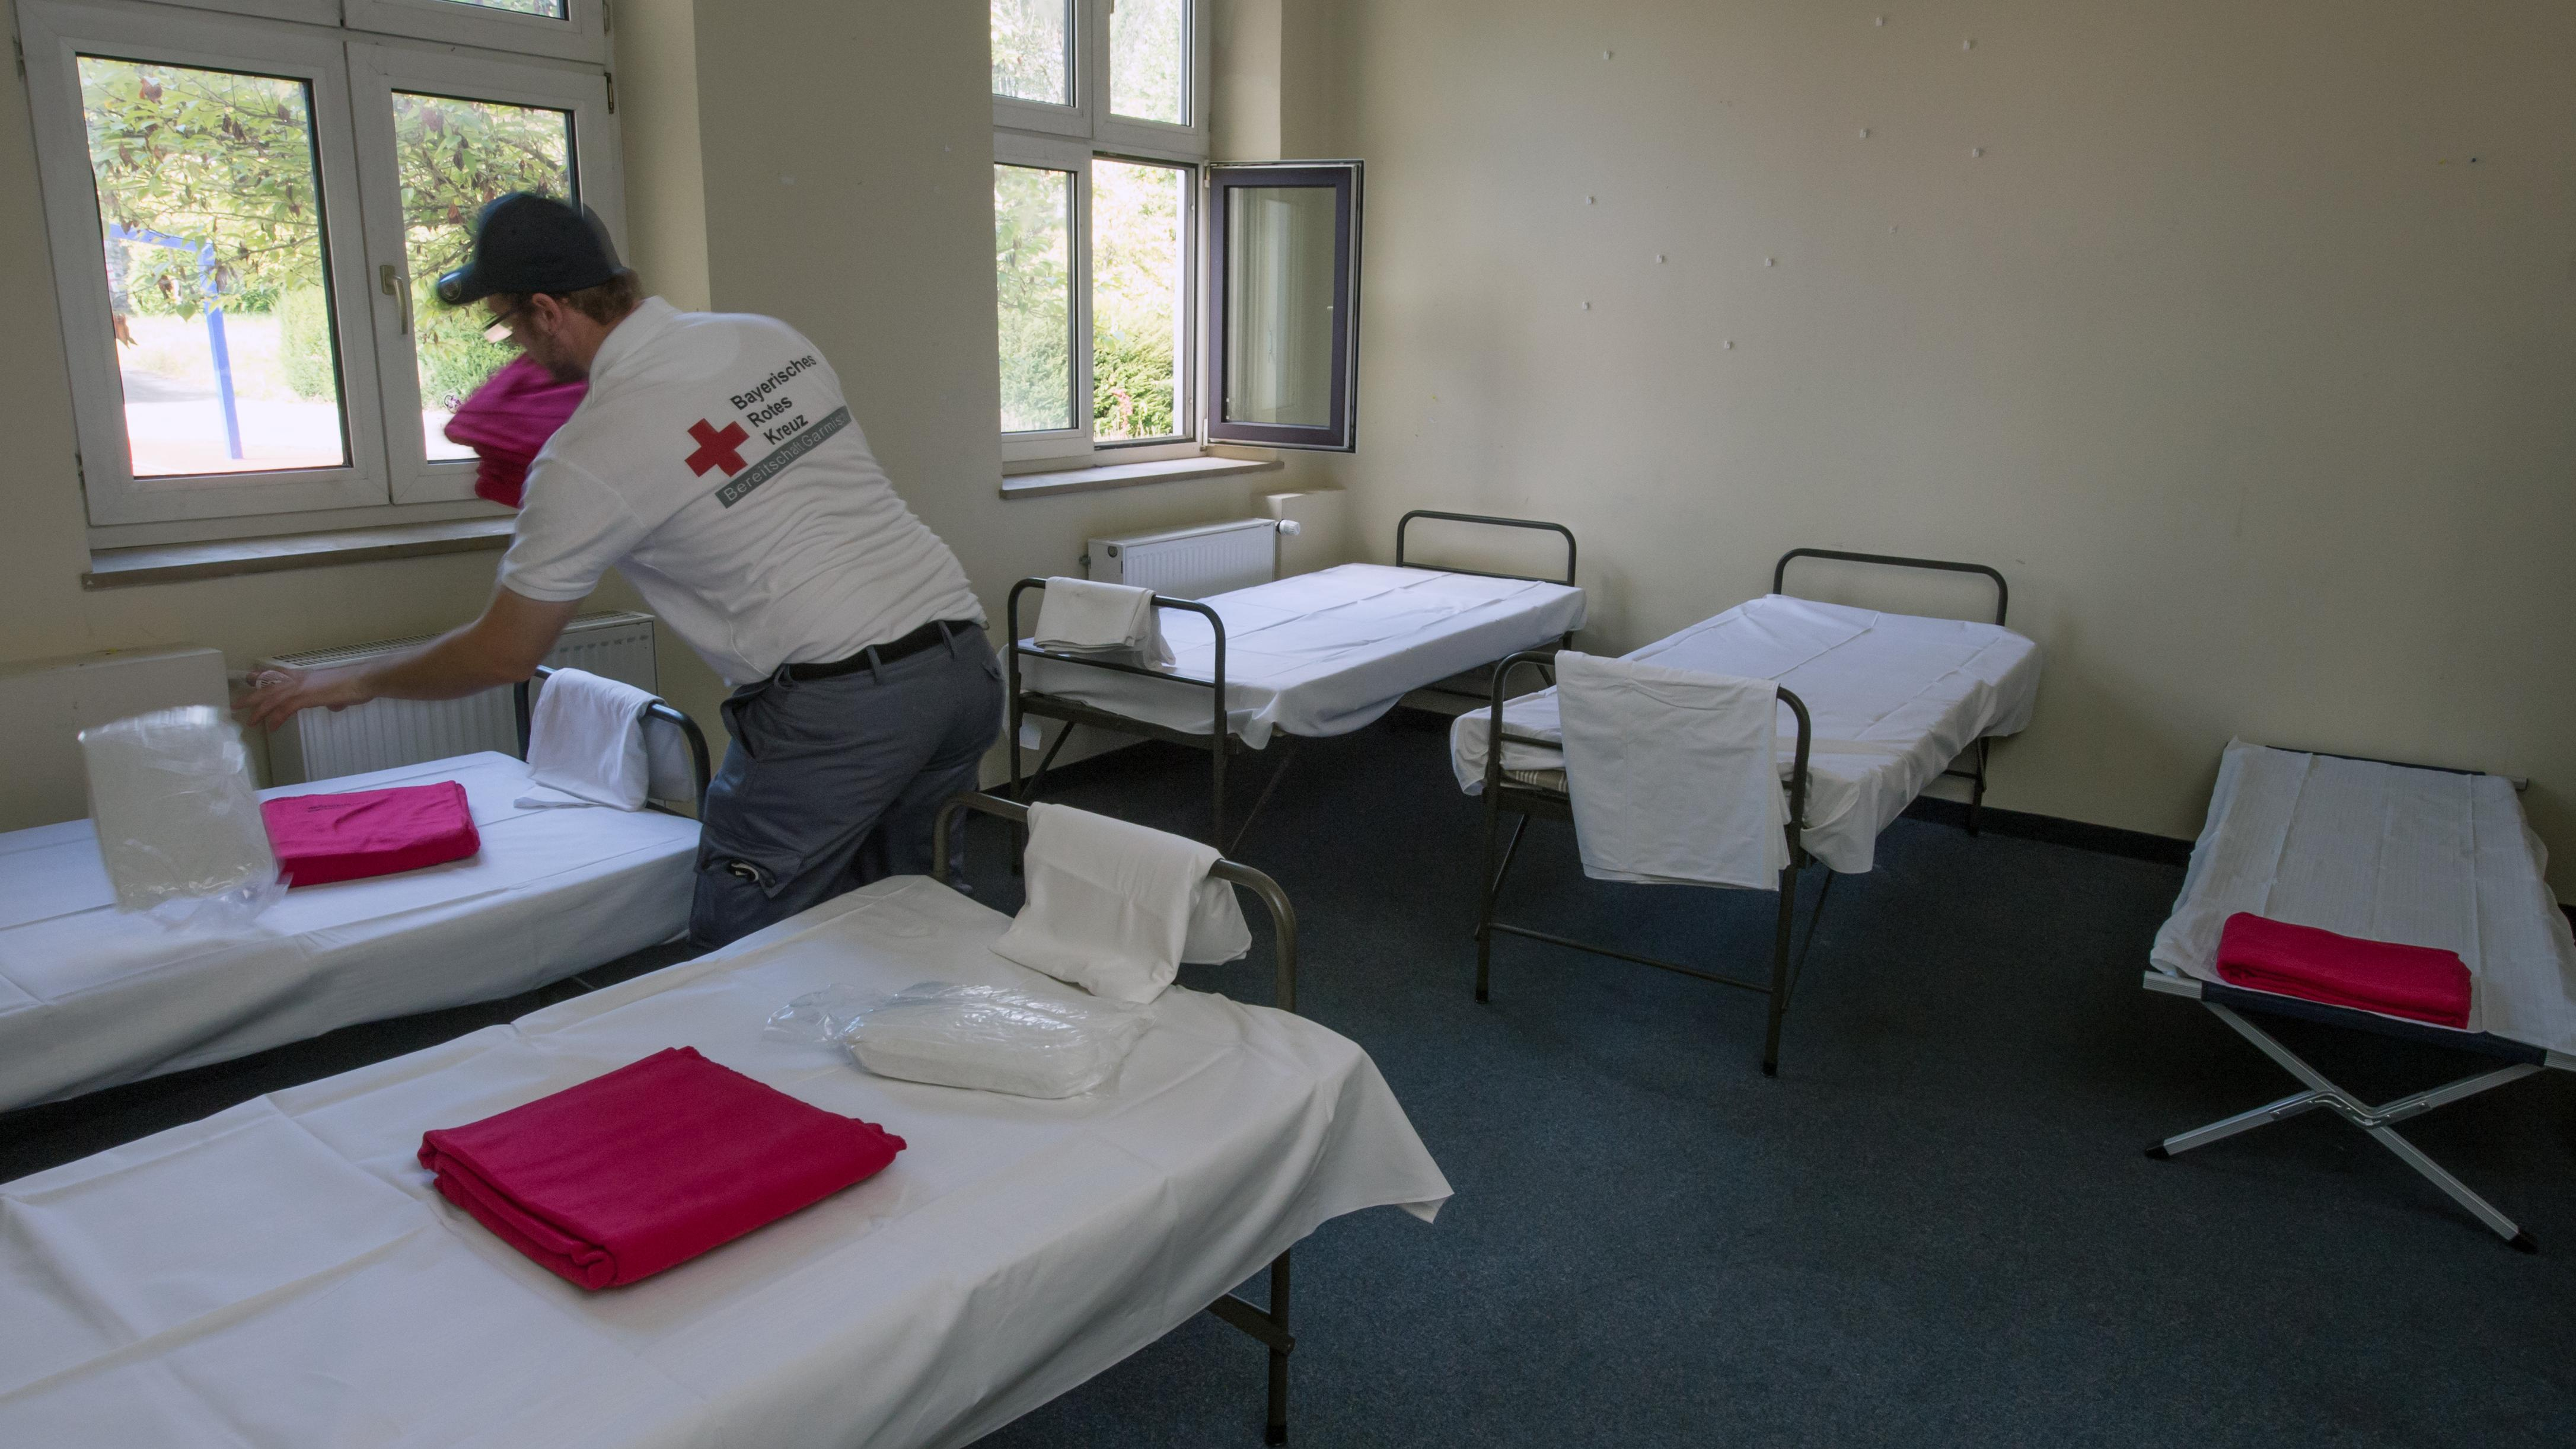 """Helfer des BRK richten am 3.10.2014 in der ehemalige US-Kaserne """"General-Abrams-Complex"""" in Garmisch-Patenkirchen eine Notunterkunft für rund 300 Flüchtlinge ein."""